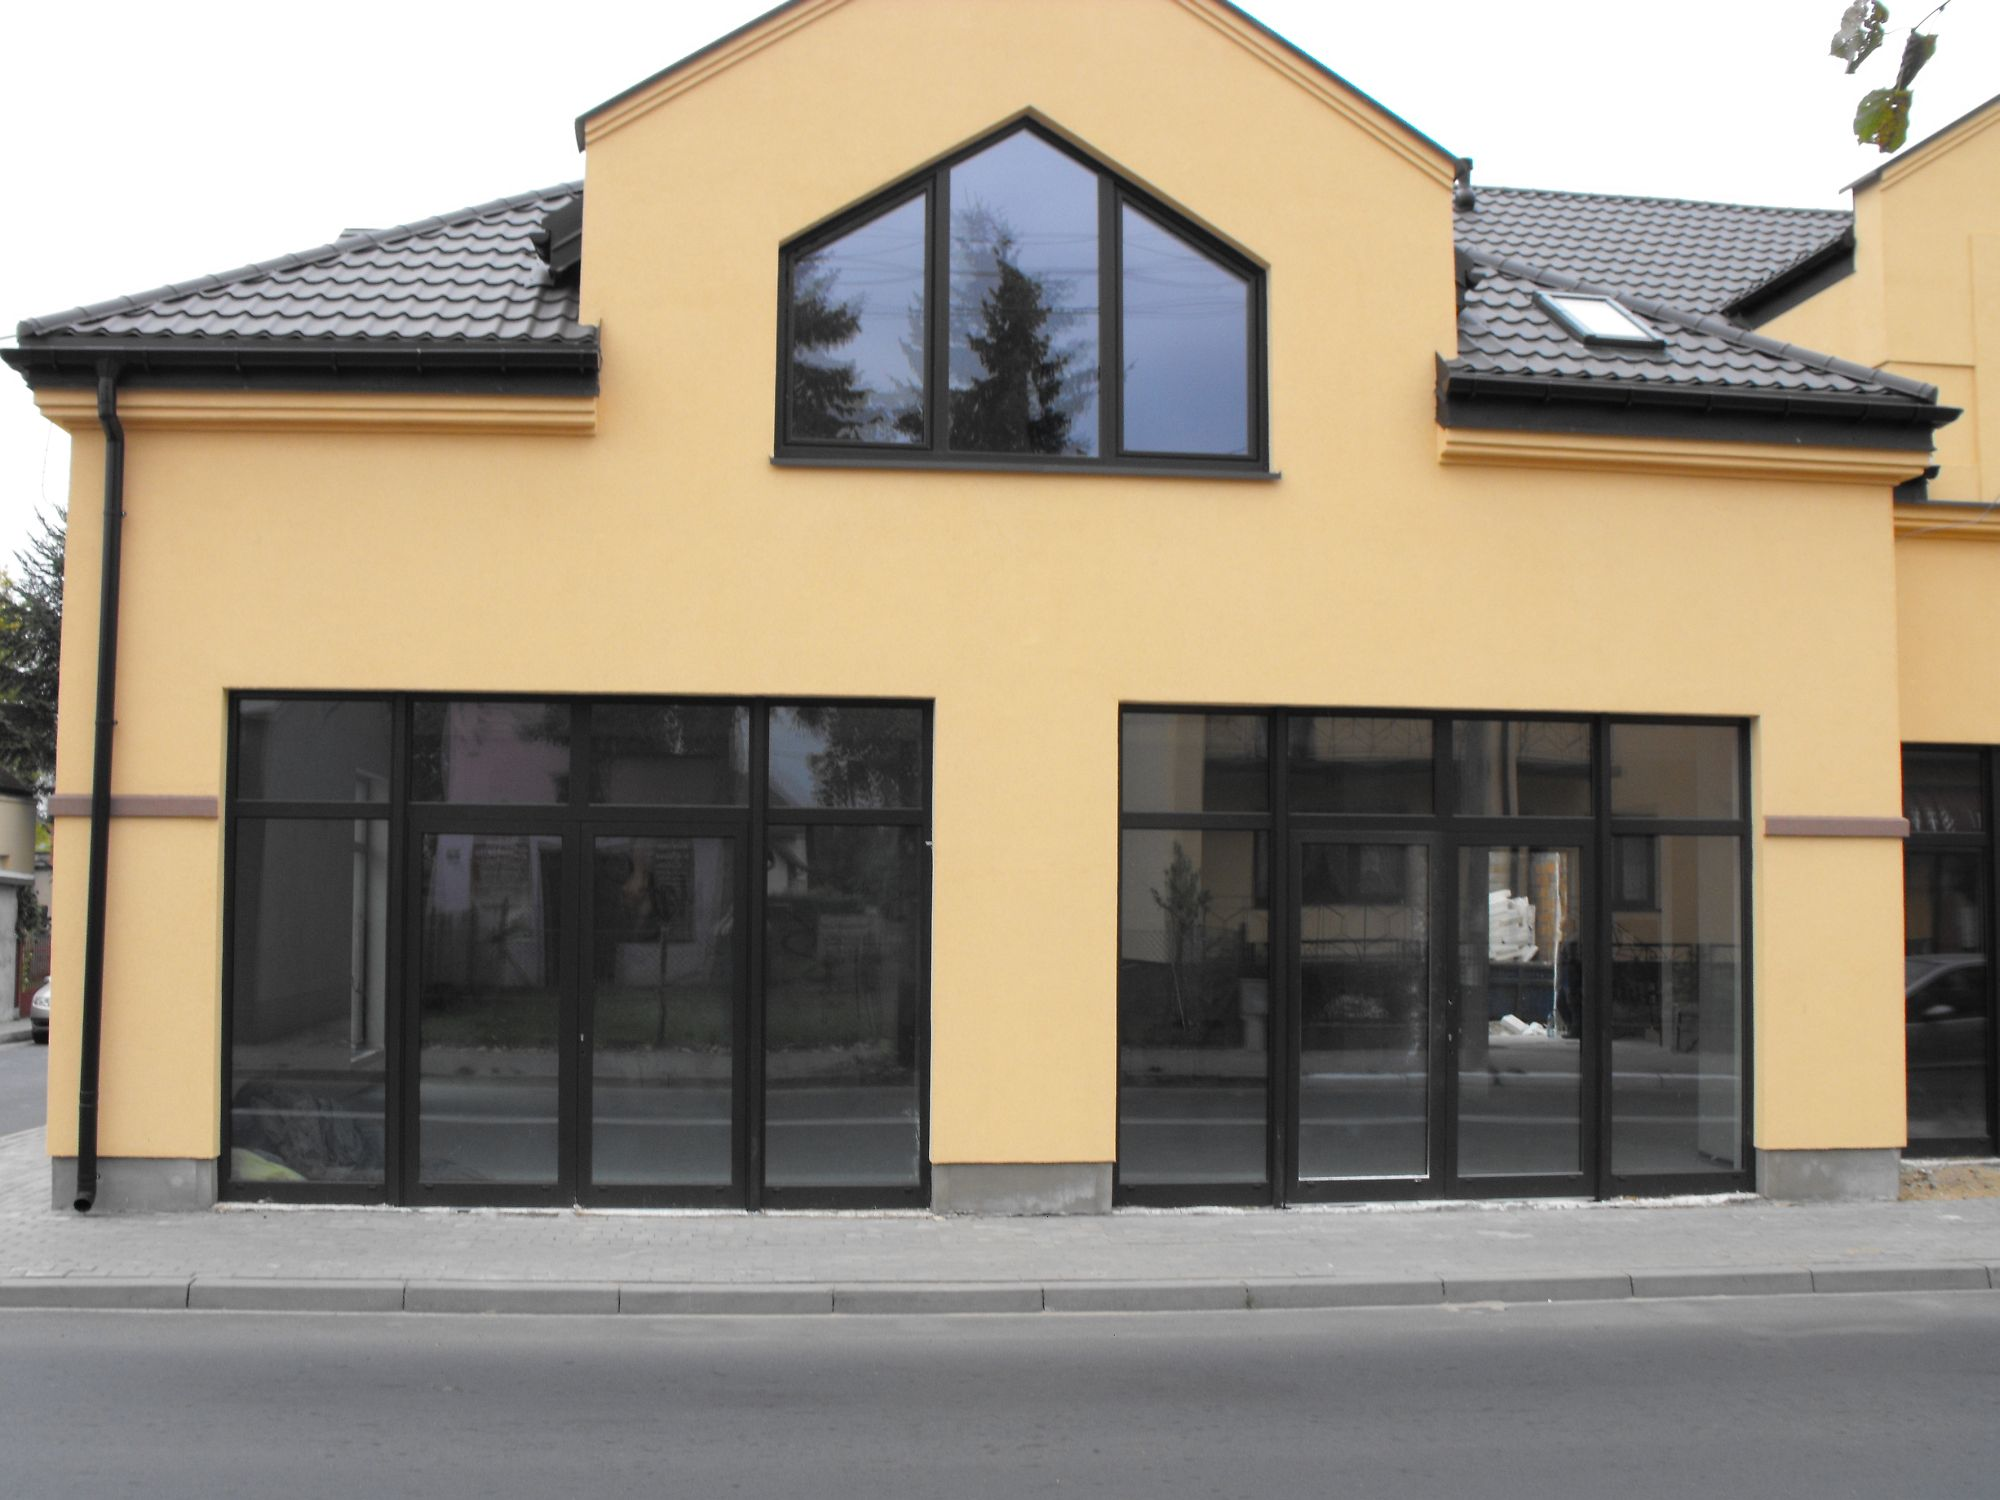 Tomkor096 fenster und turen mielczarek - Bayerwald fenster und turen neukirchen ...